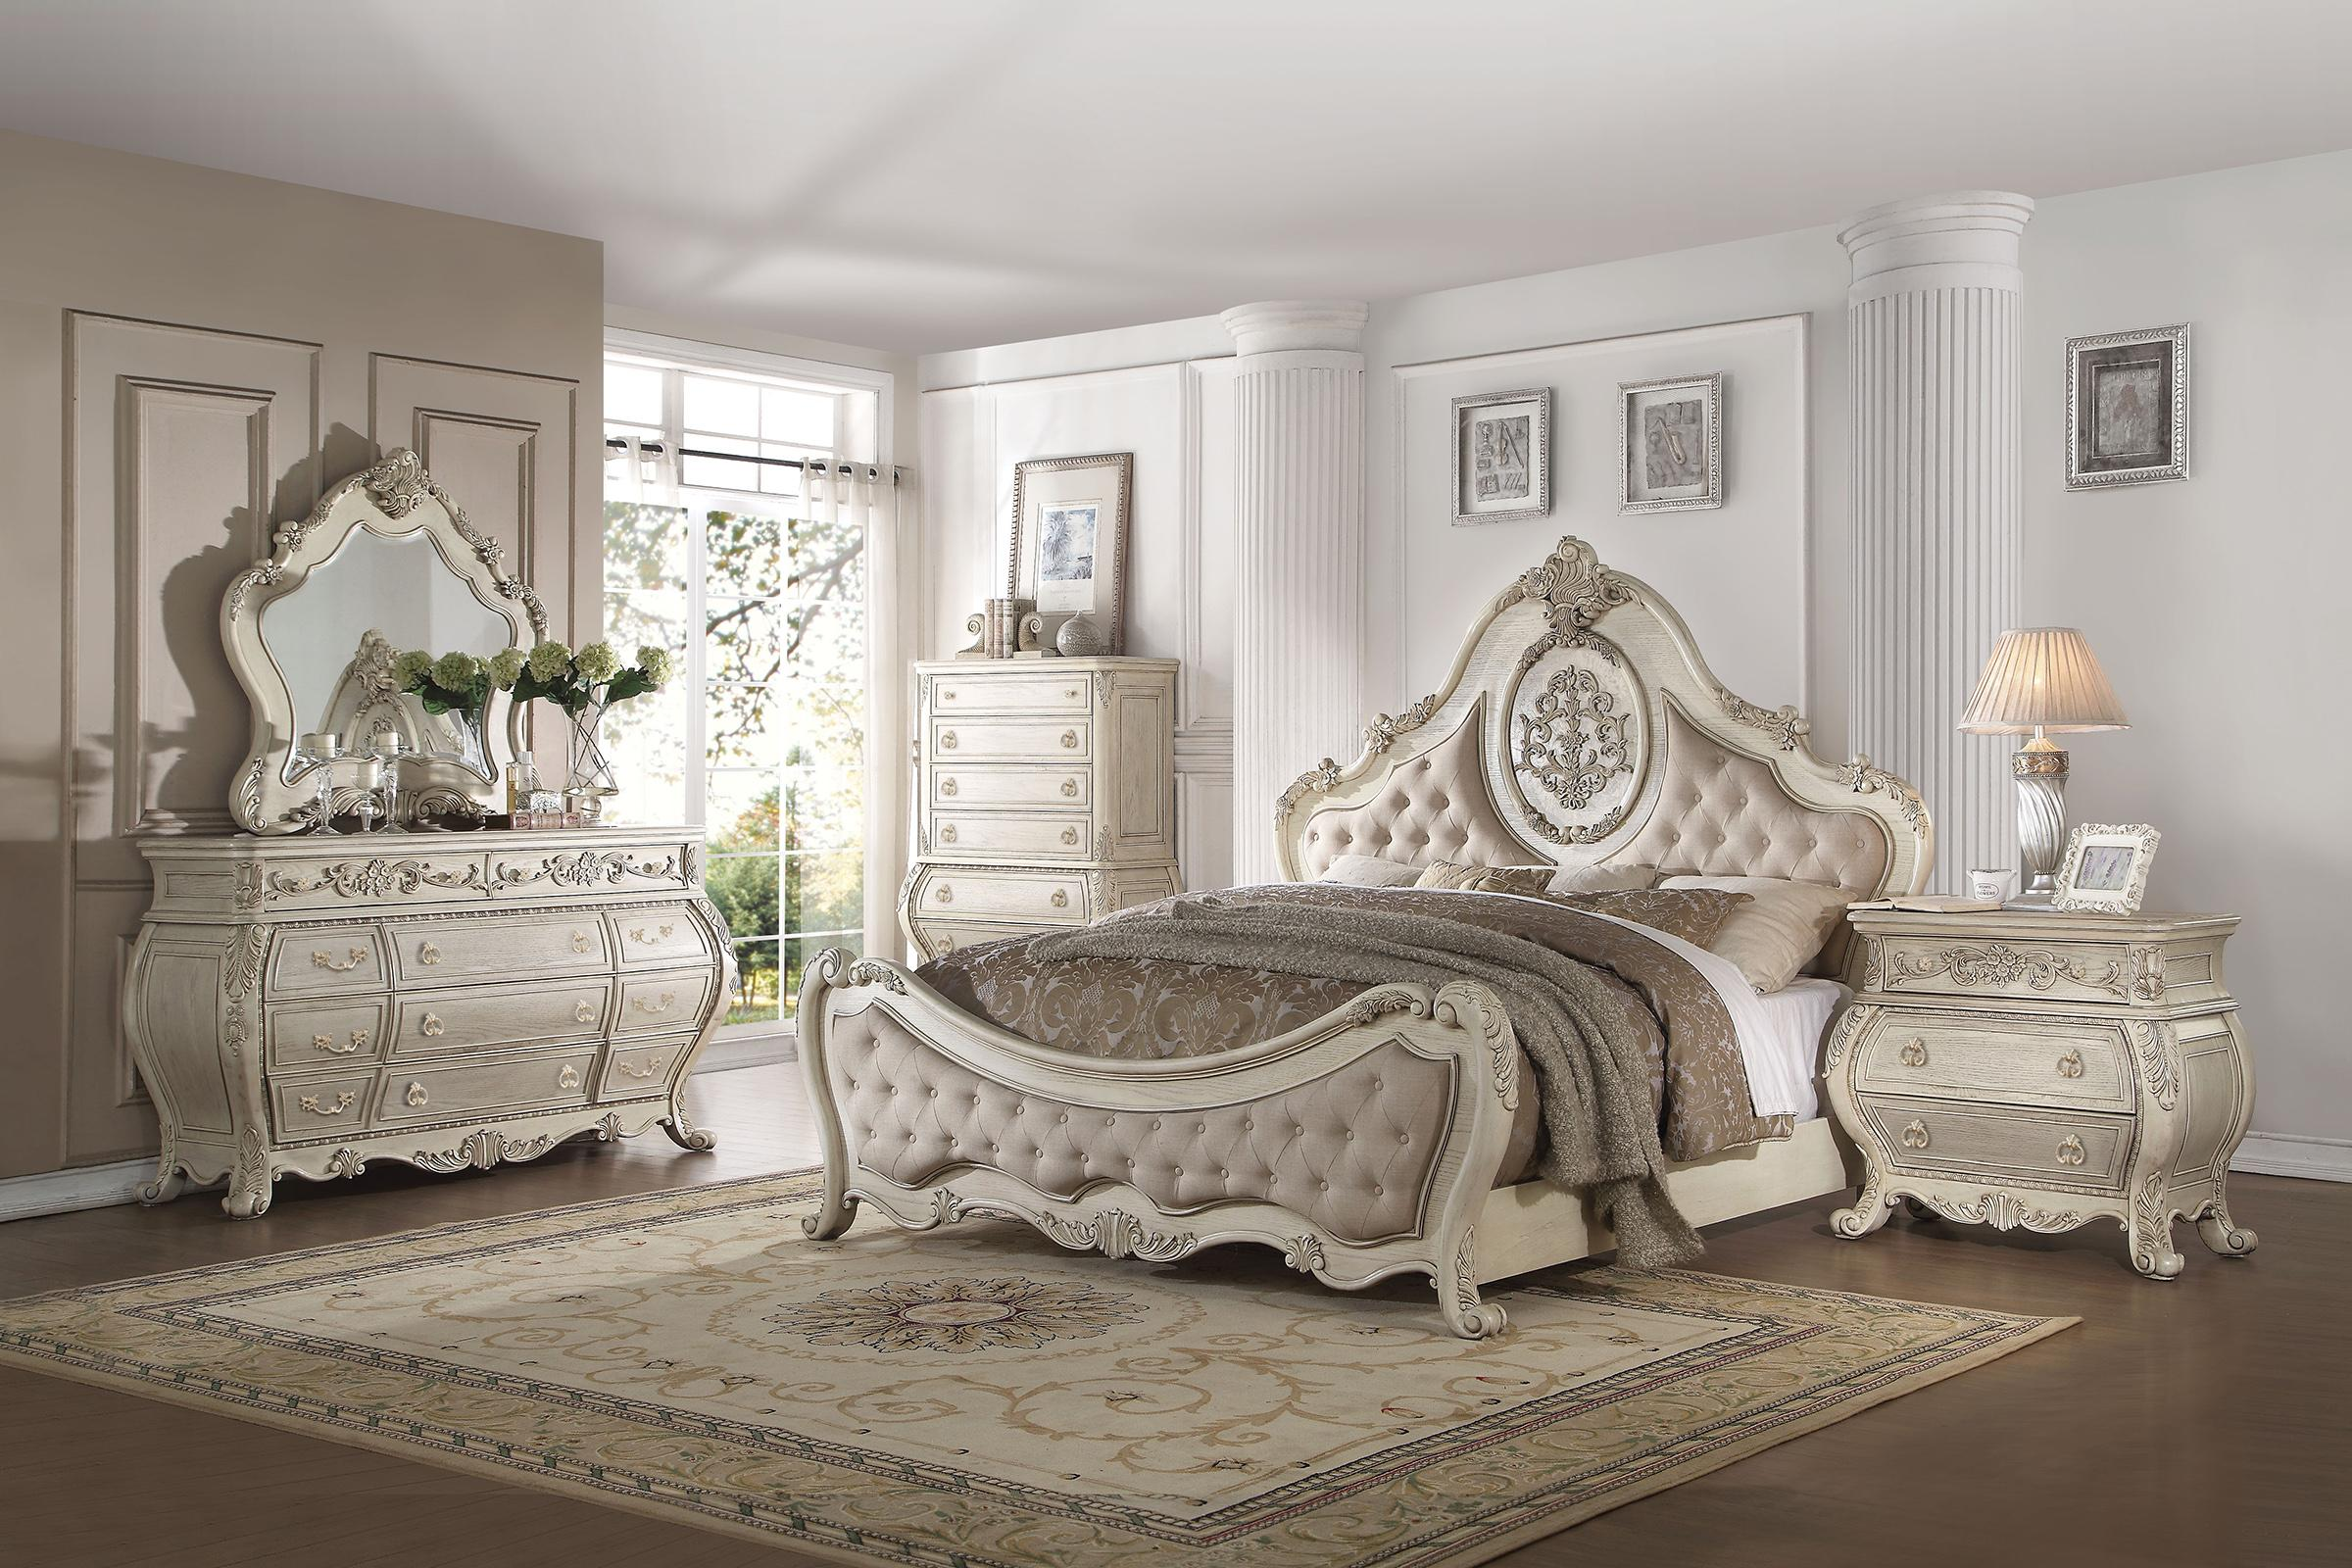 Luxury Beige Linen Antique White Queen Bedroom Set 3p Ragenardus 27010q Acme Ragenardus Wh 27010q Set 3